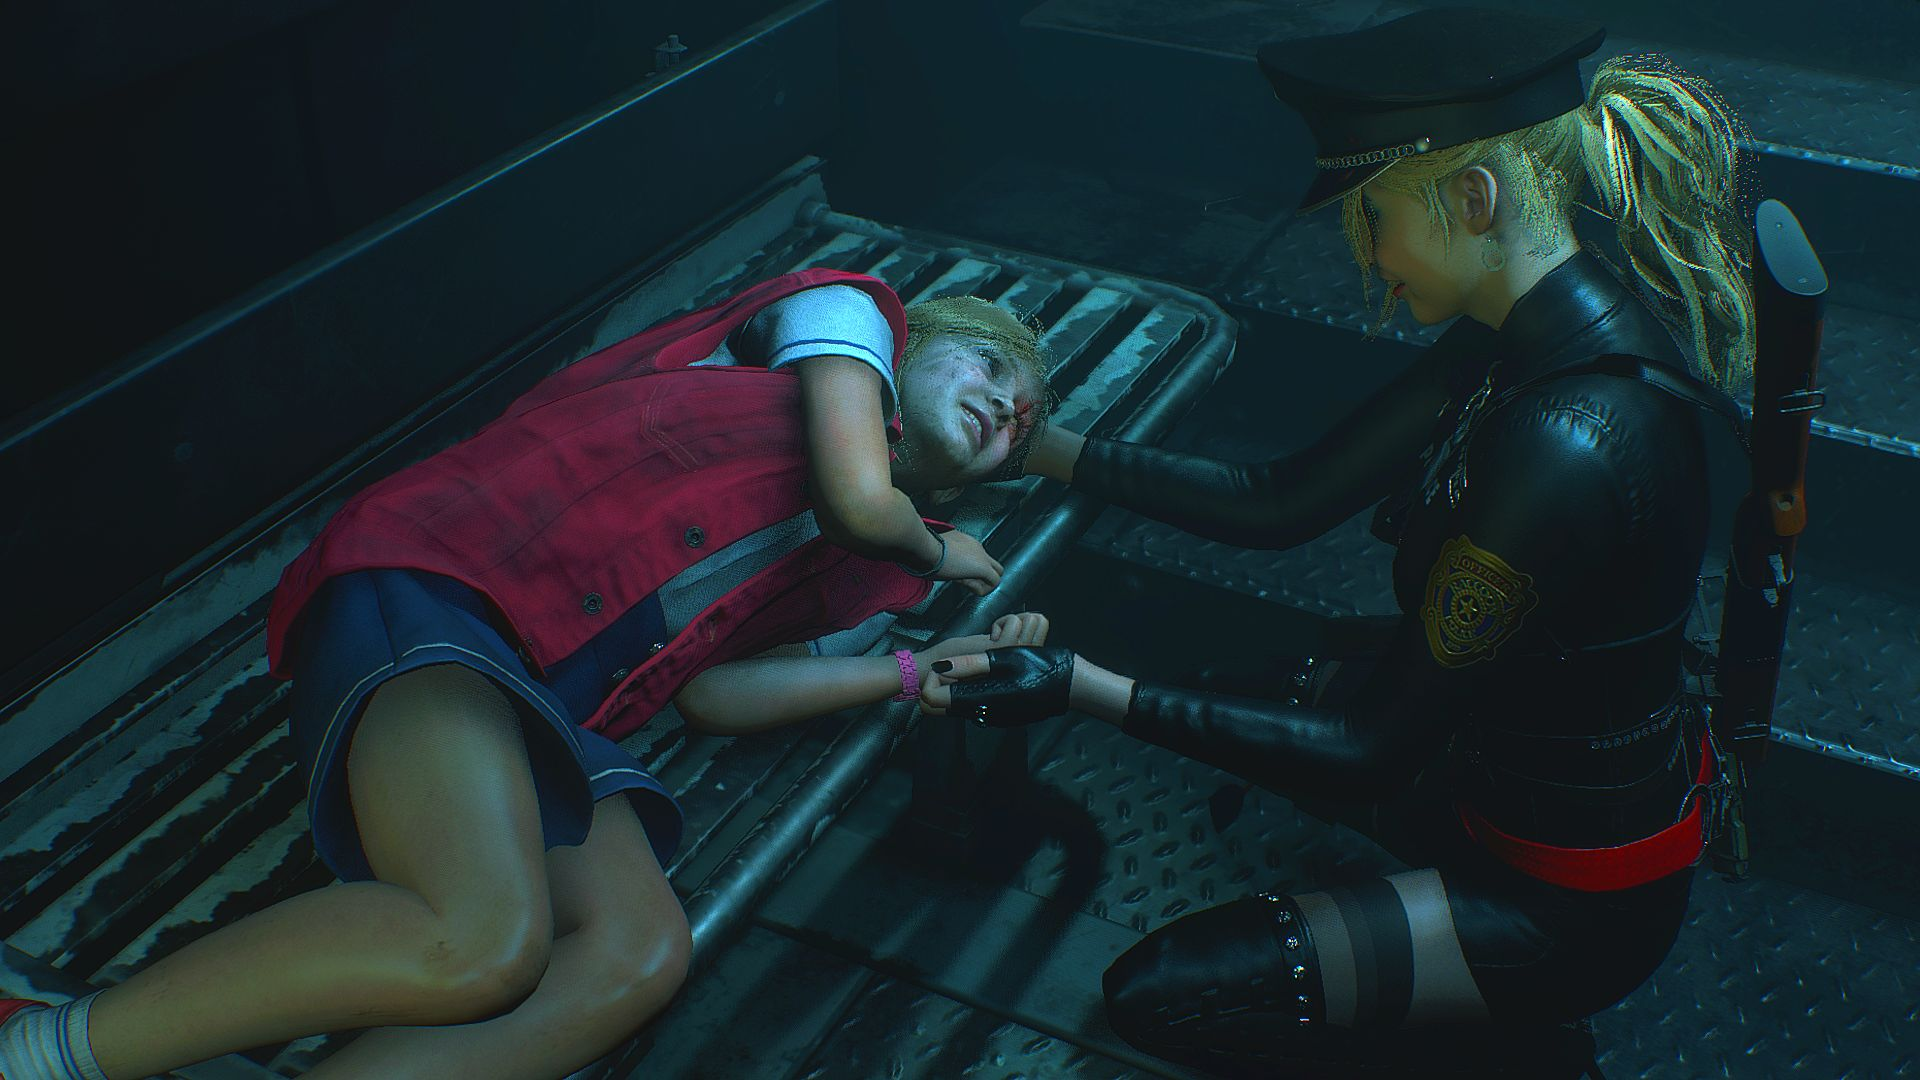 000132.Jpg - Resident Evil 2